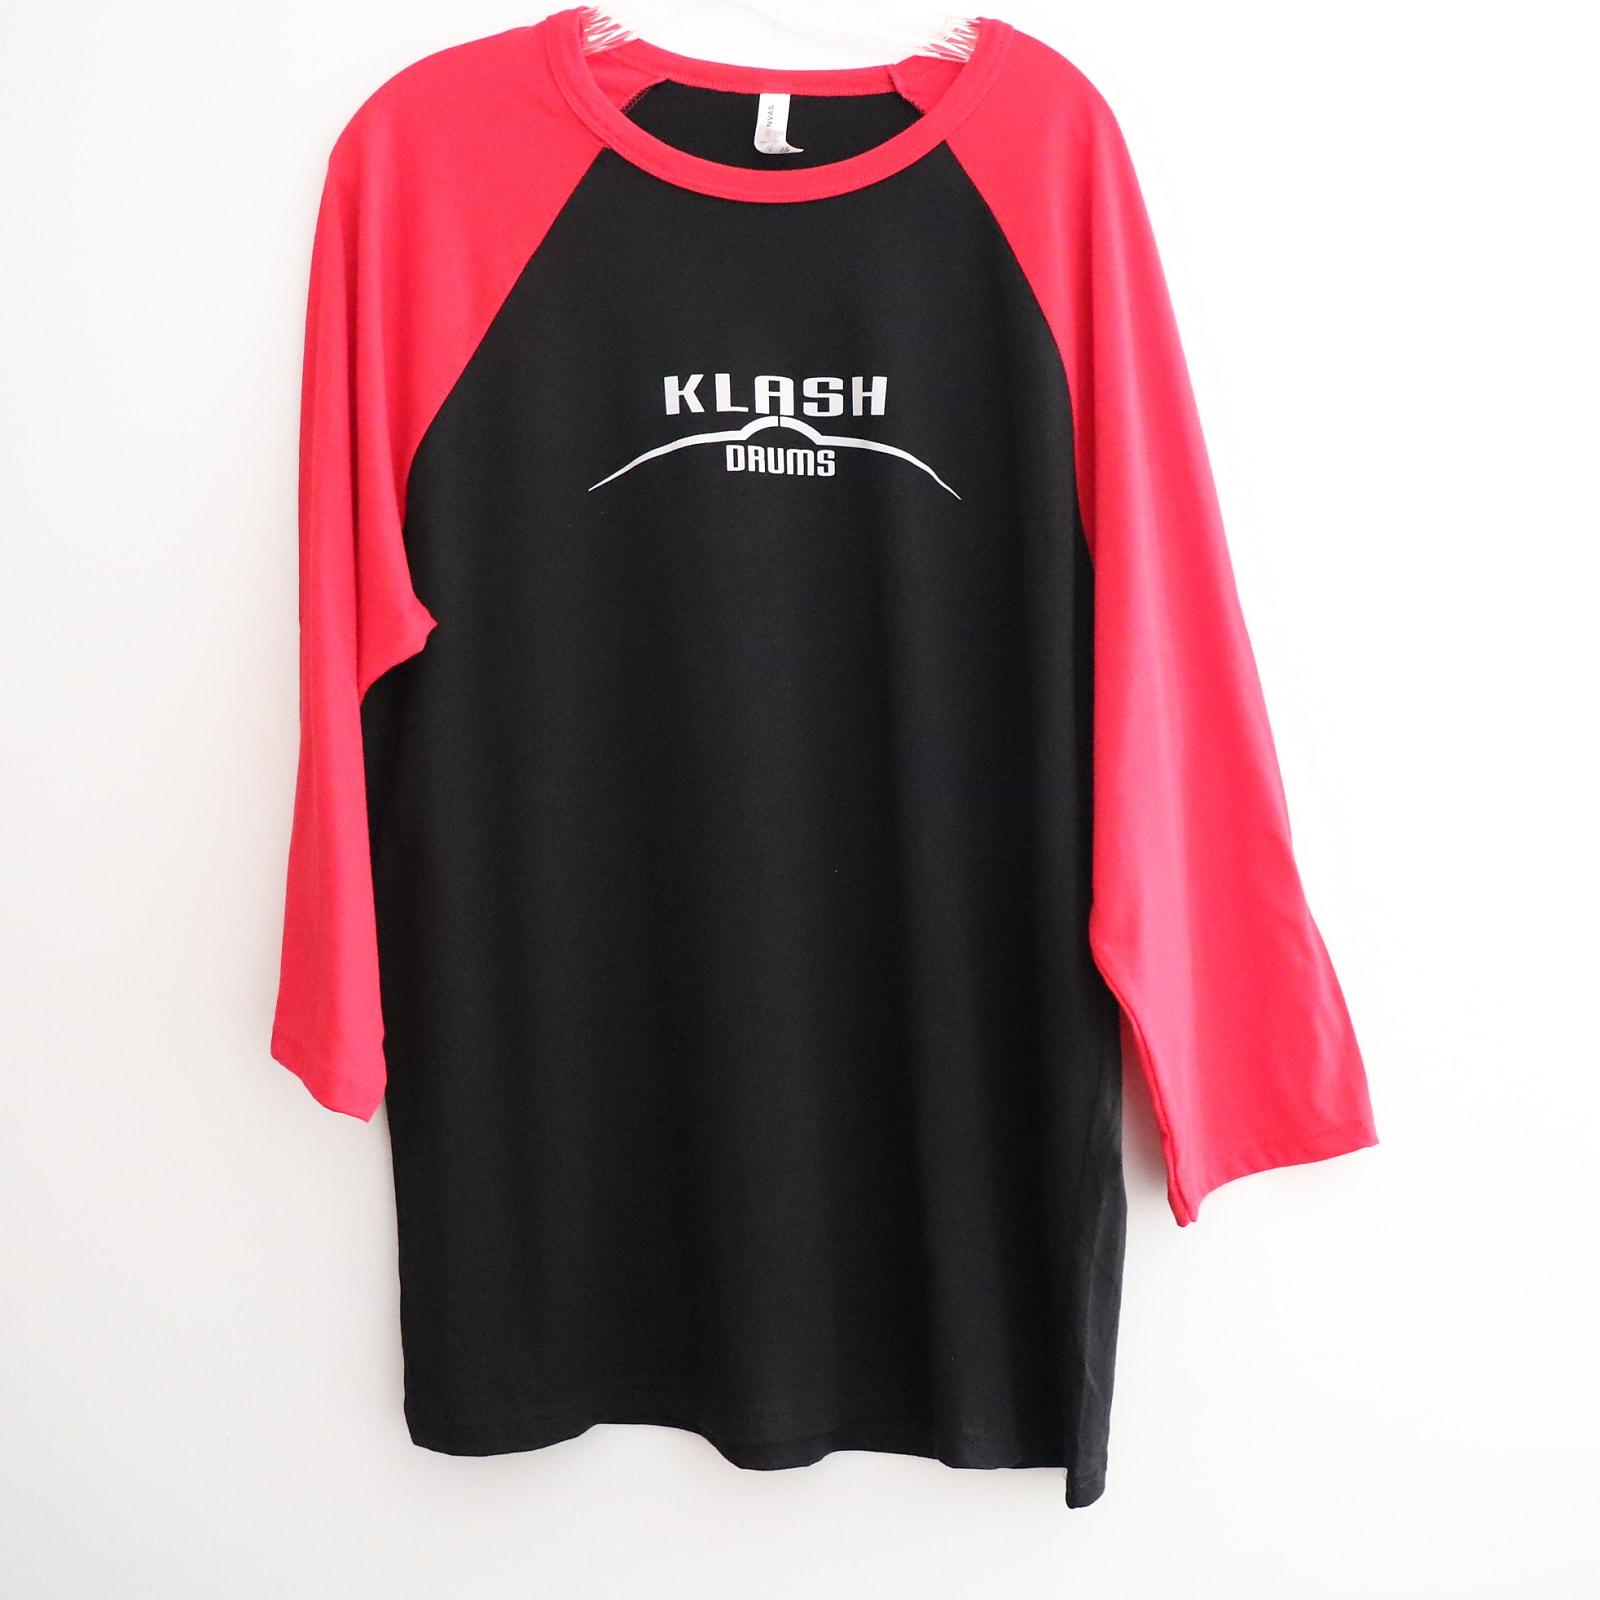 Klash Drums Male 3/4 Sleeve Shirt Black/Red